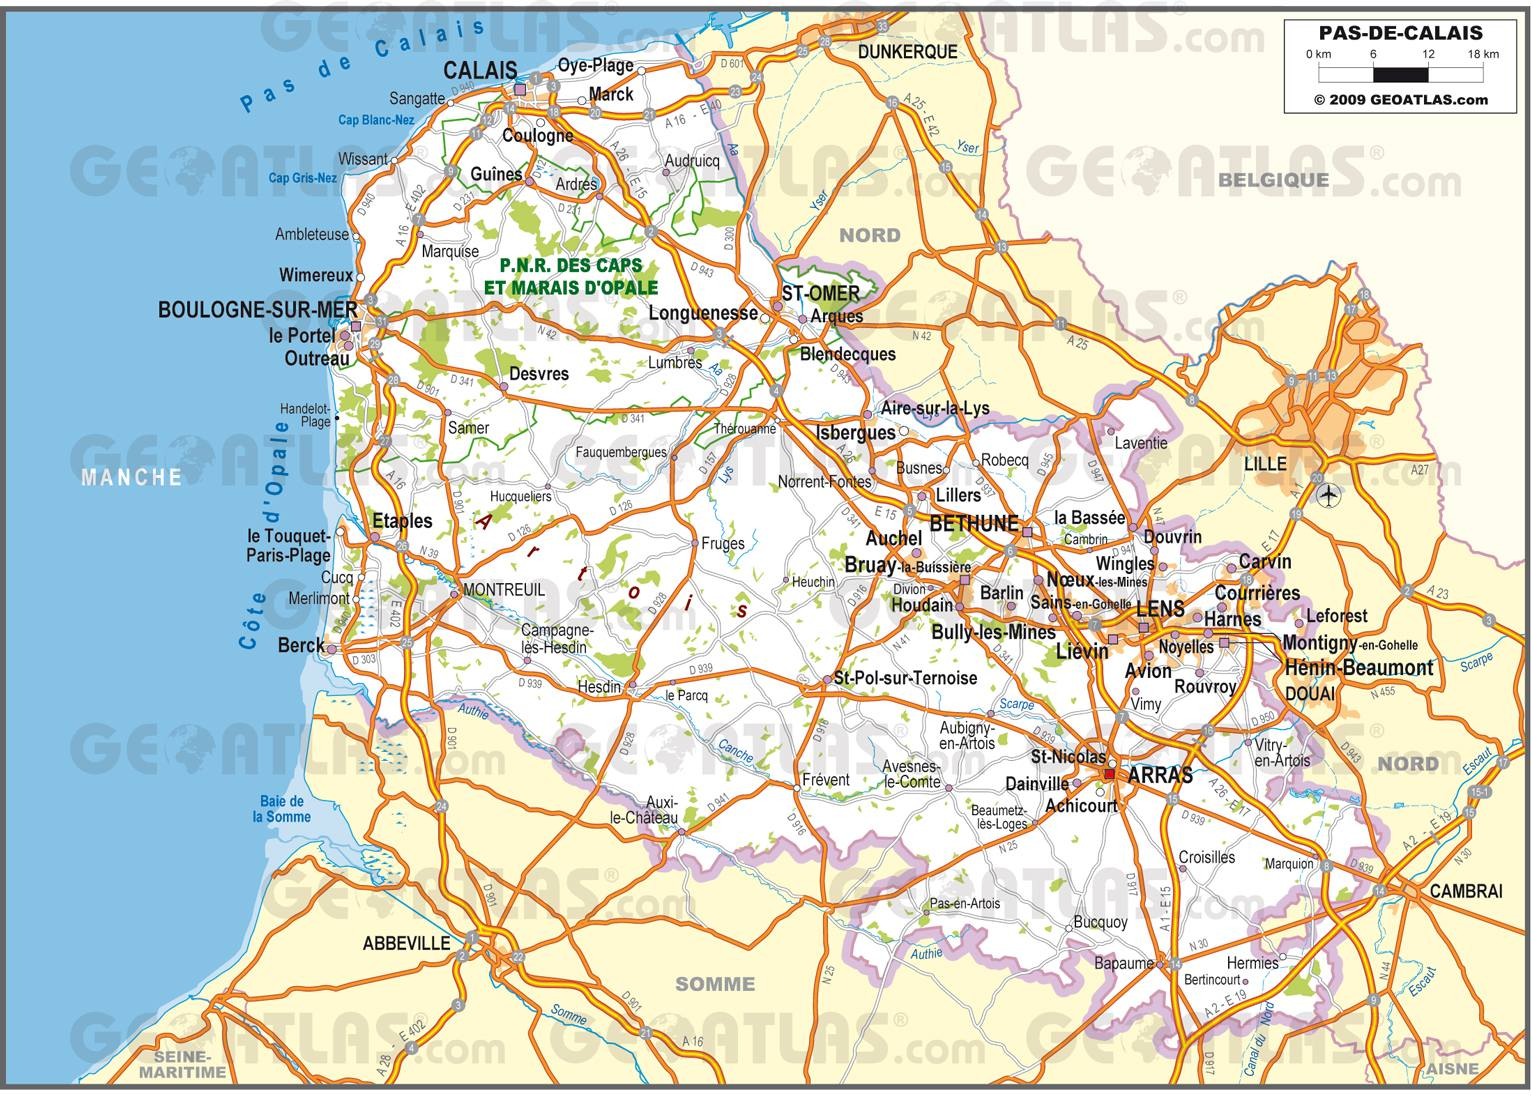 Carte routière du Pas-de-Calais